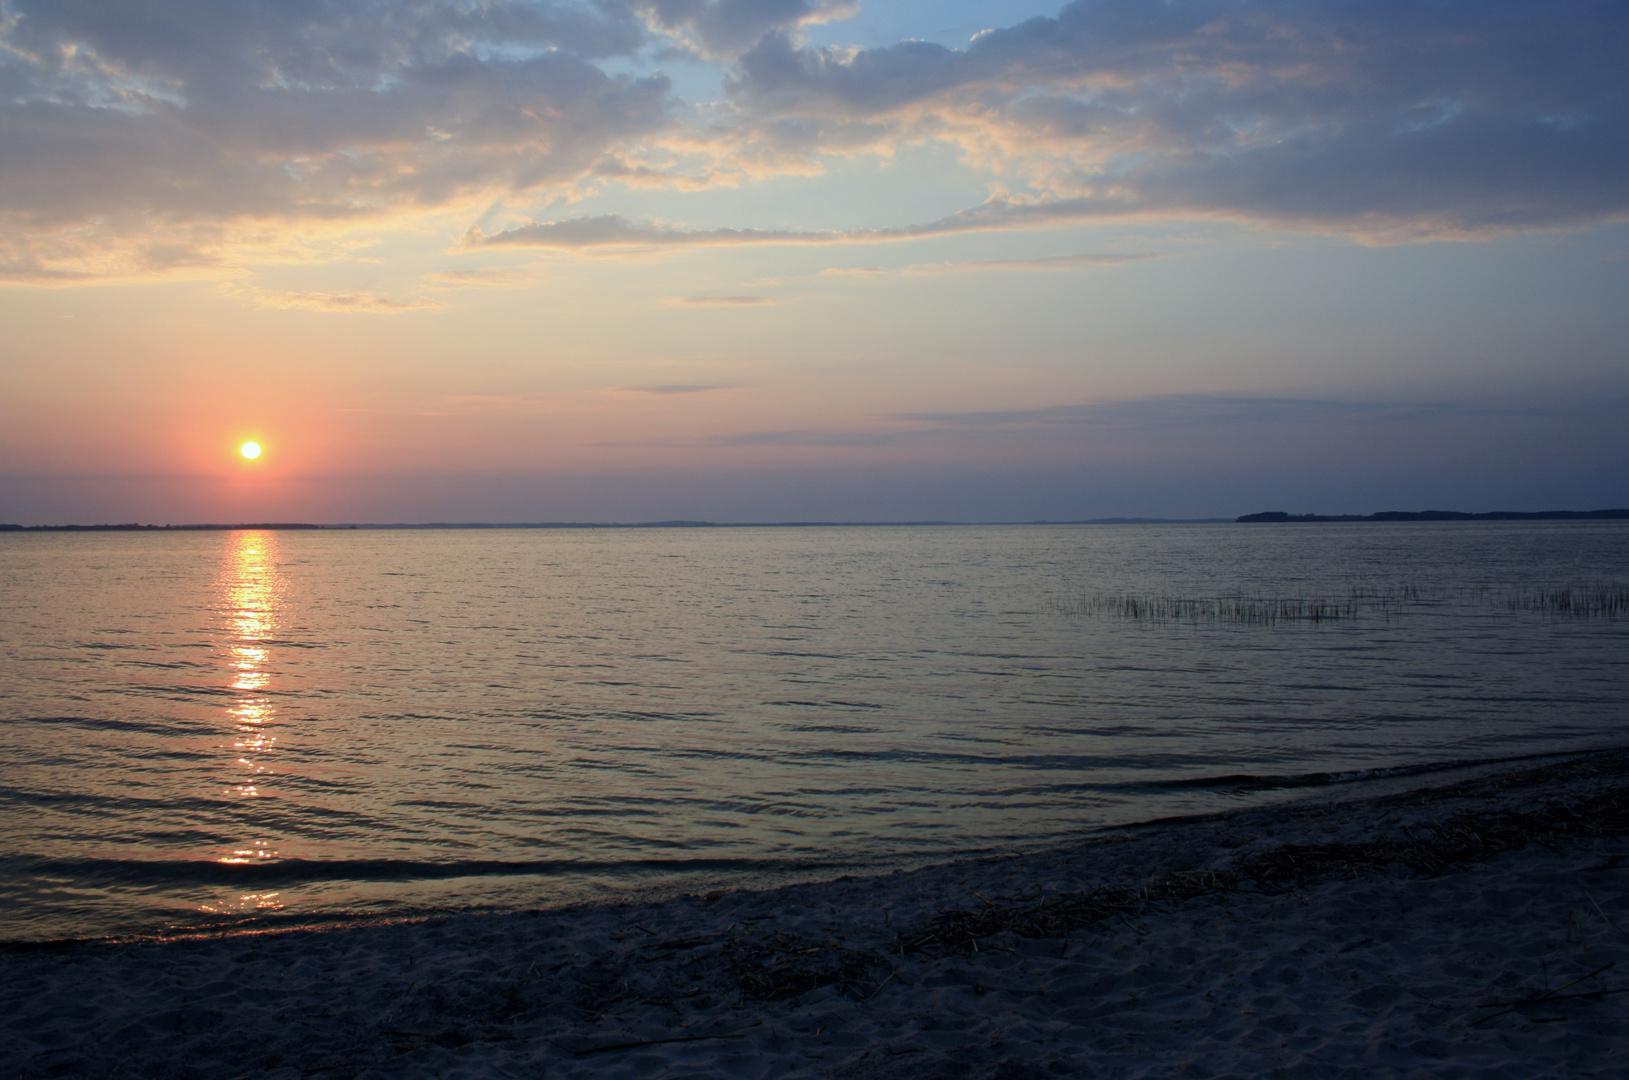 Sonnenuntergang auf Usedom am Achterwasser